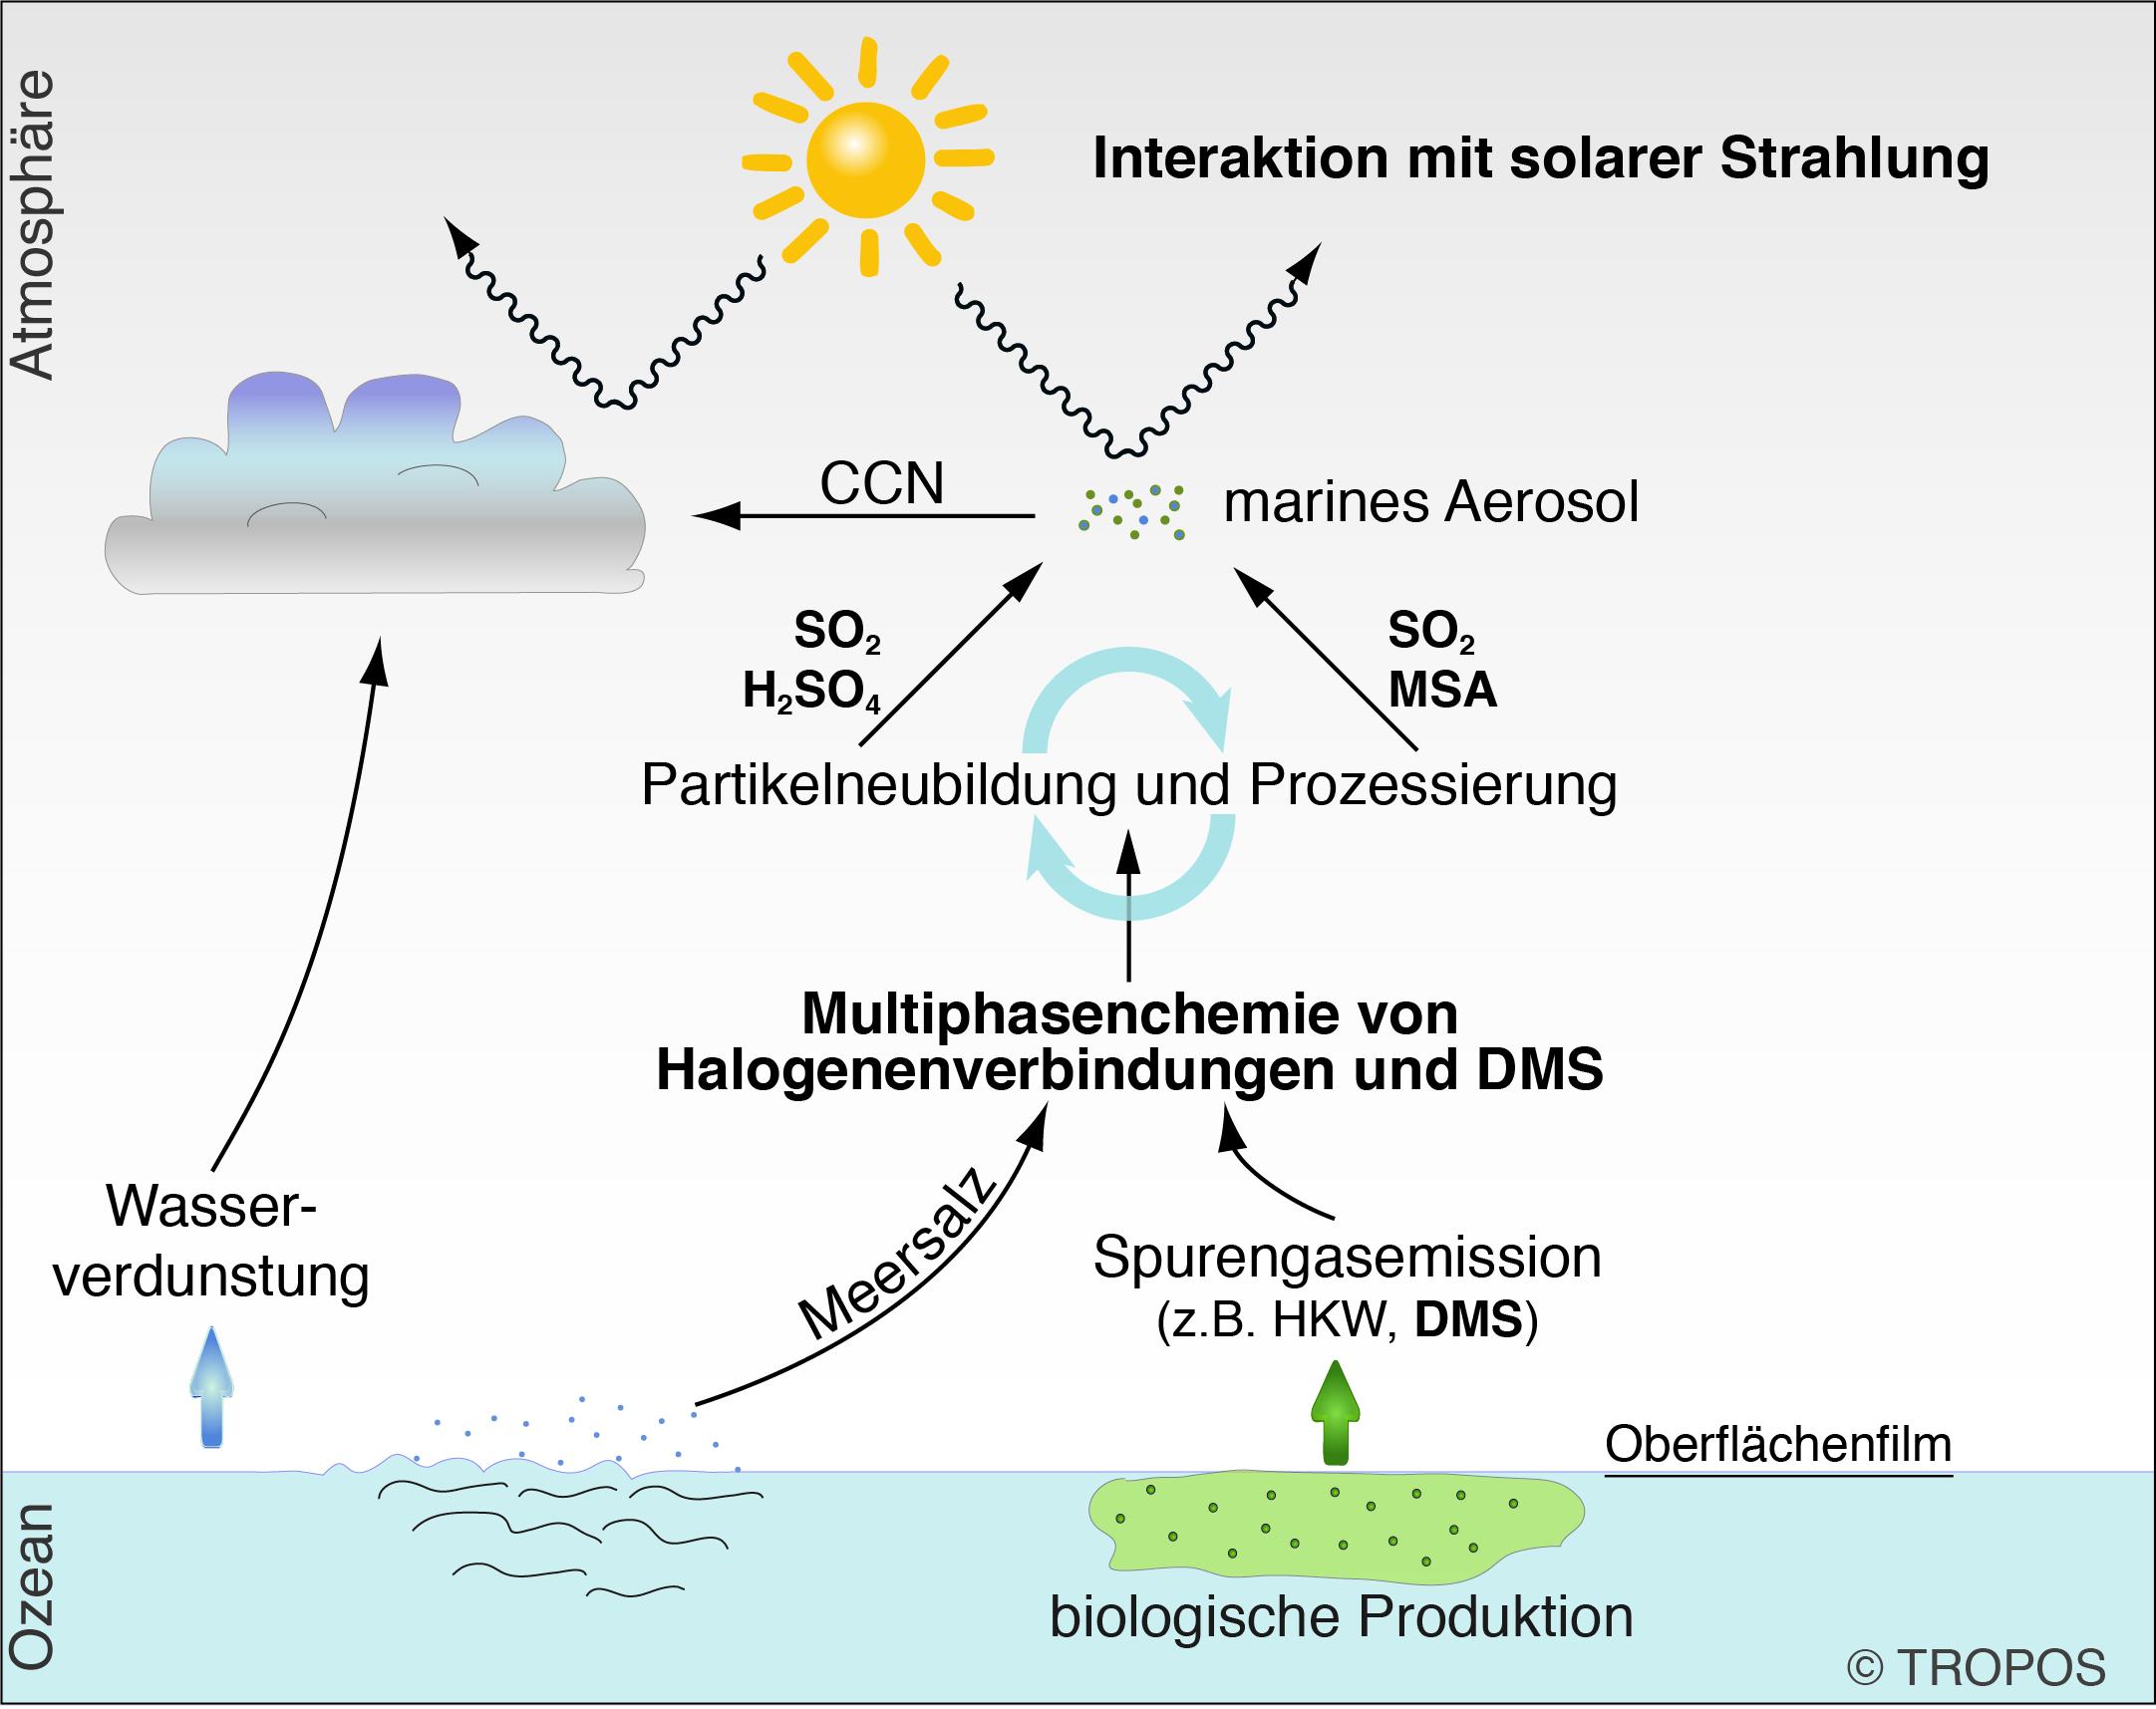 Umfassendste Studie zur atmosphärischen Oxidation des natürlichen Klimagases Dimethylsulfid veröffentlicht. Grafik: Erik Hans Hoffmann , TROPOS